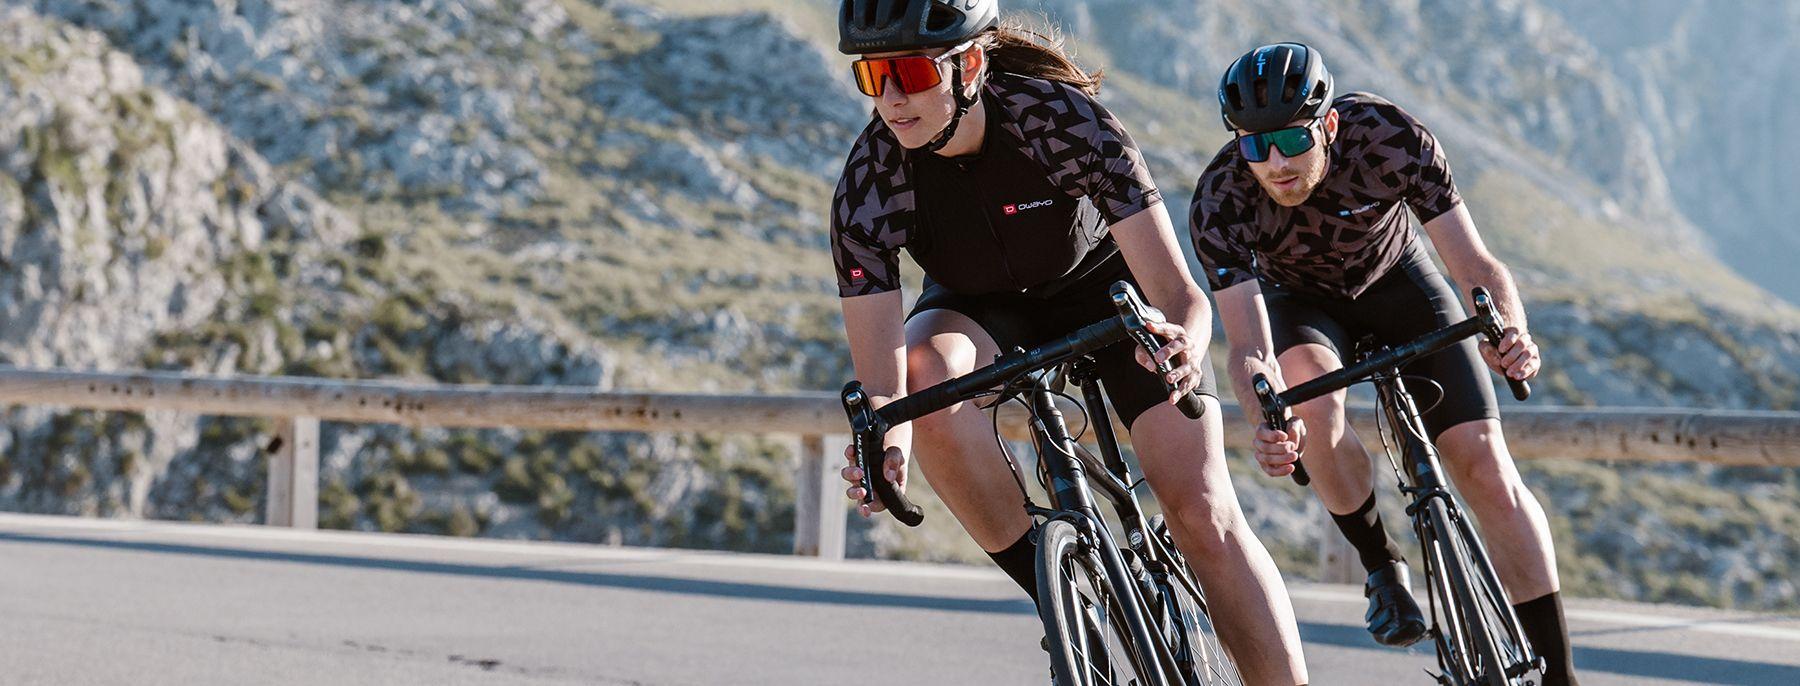 Drei Rennradfahrer in selbst gestaltetem Radtrikot und Radhose sind schnell unterwegs